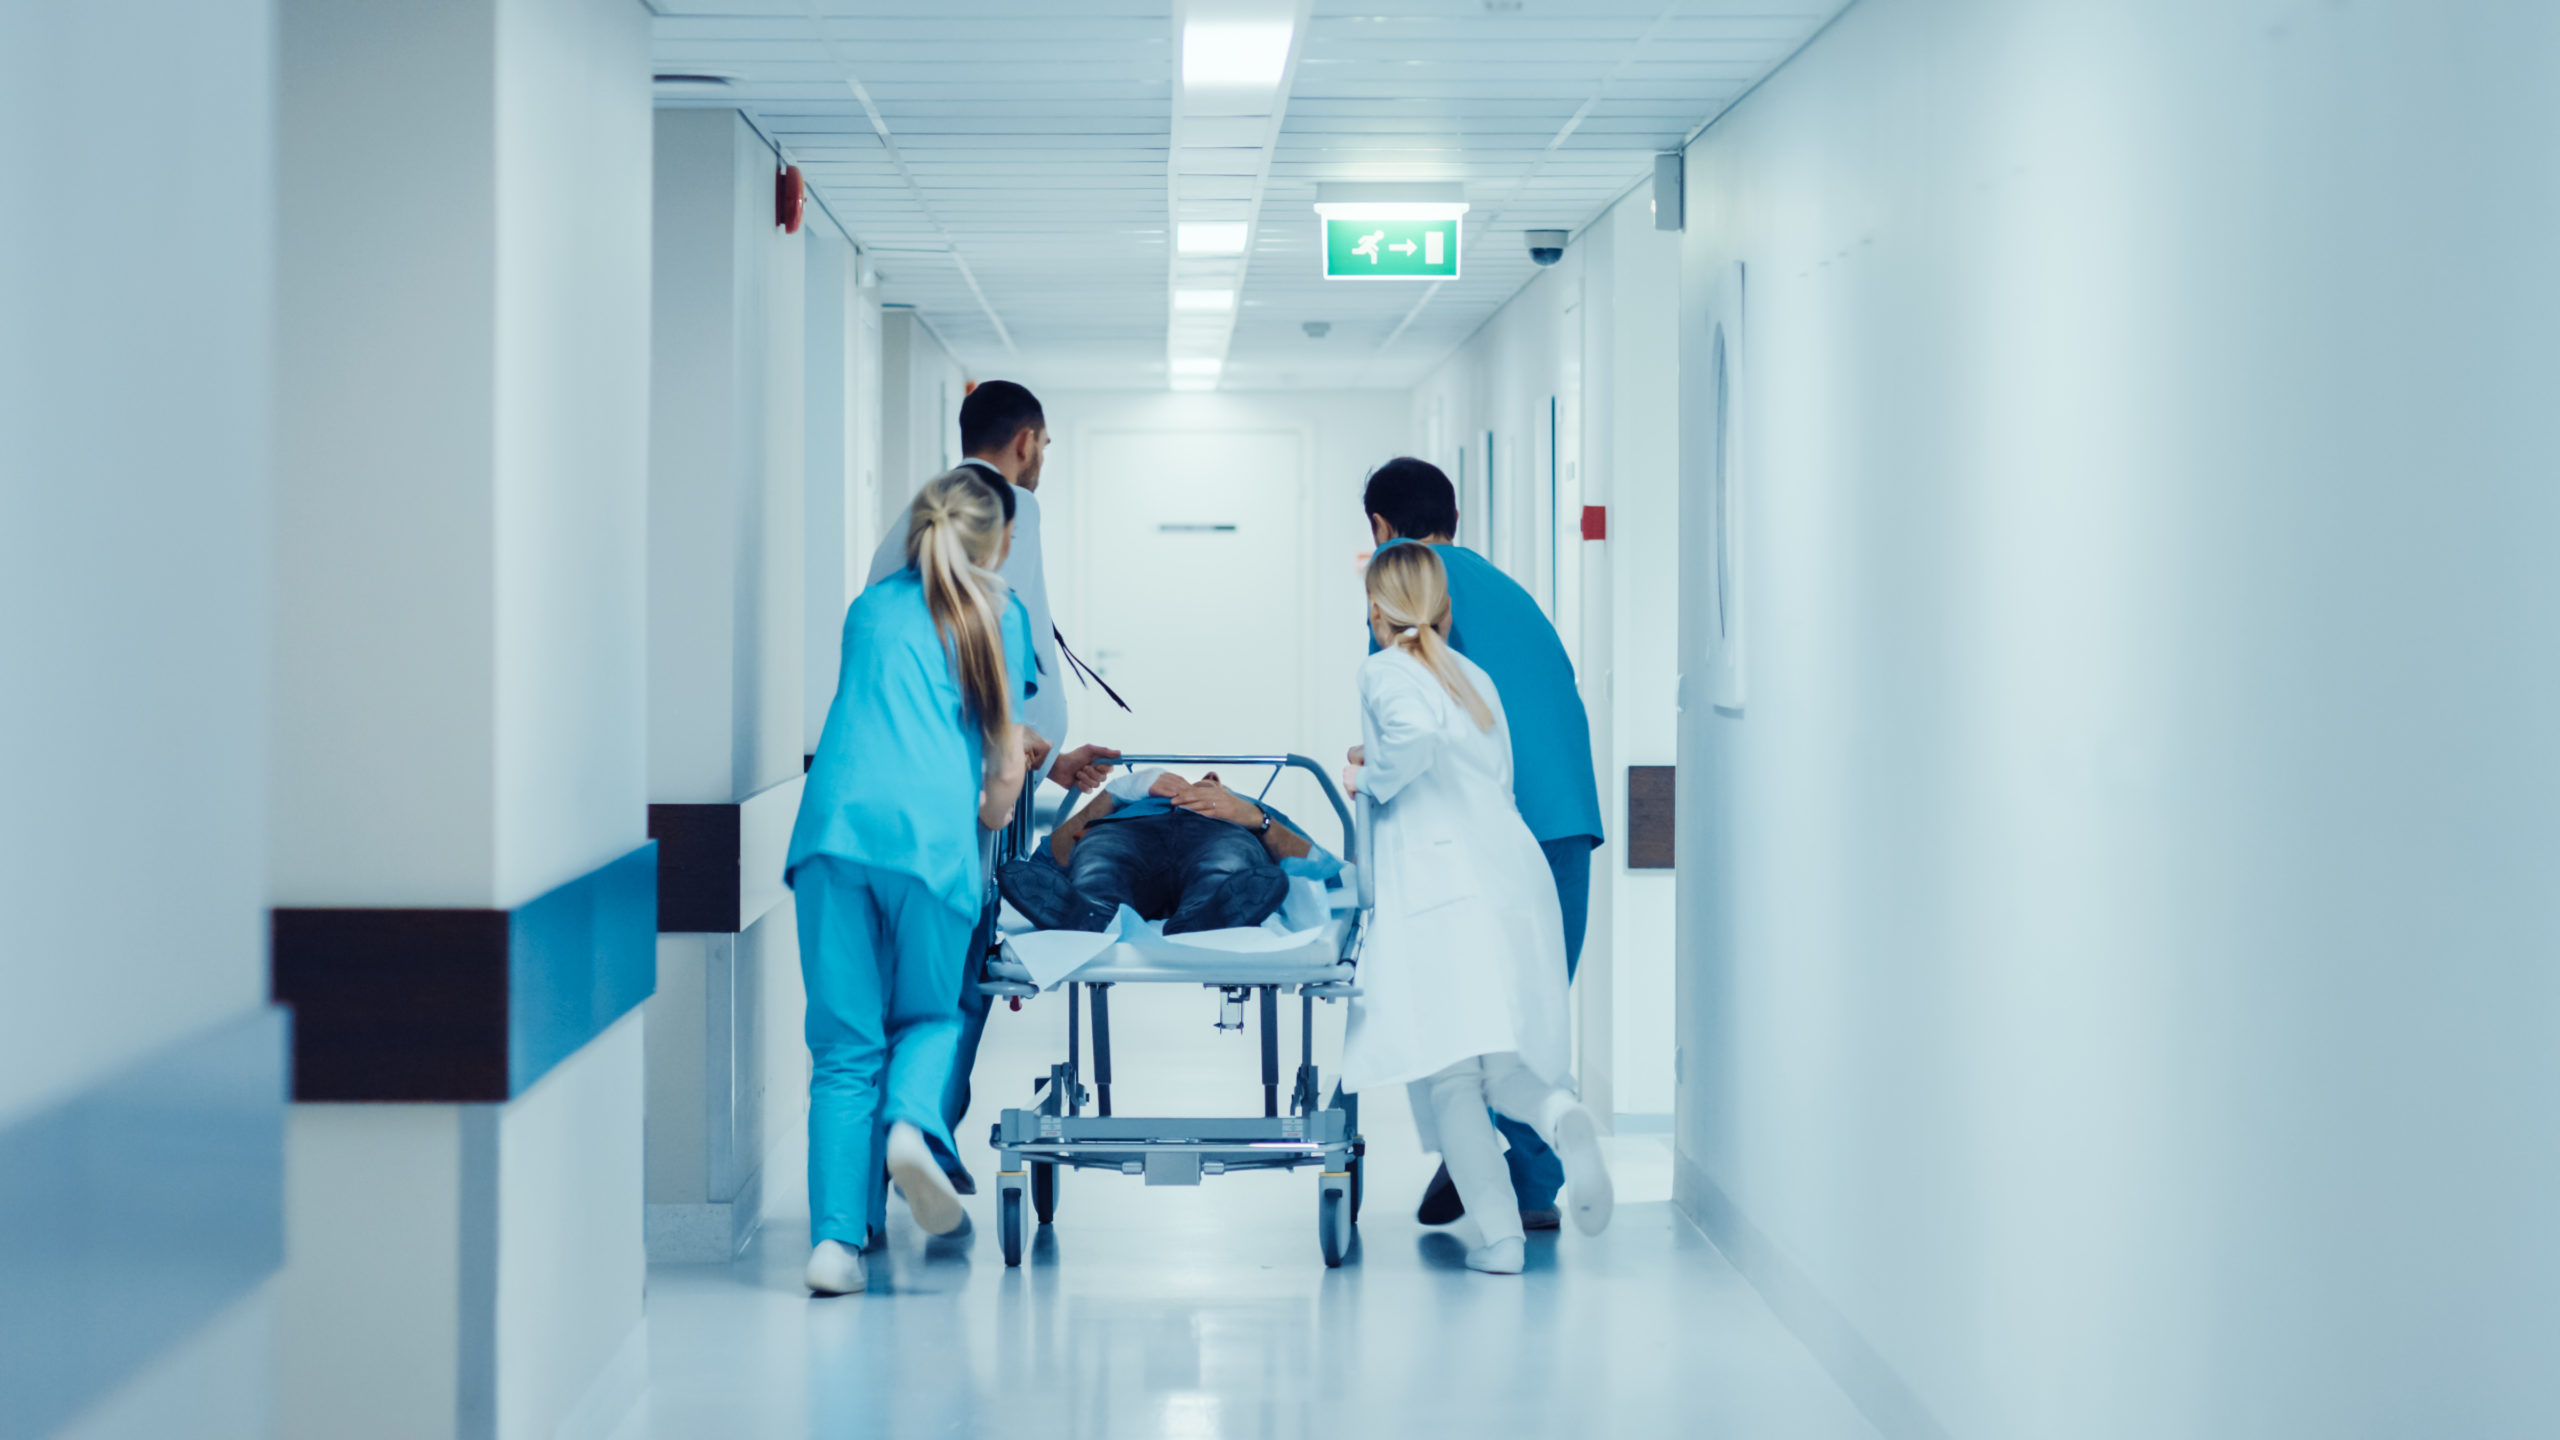 emergency room negligence lawsuit